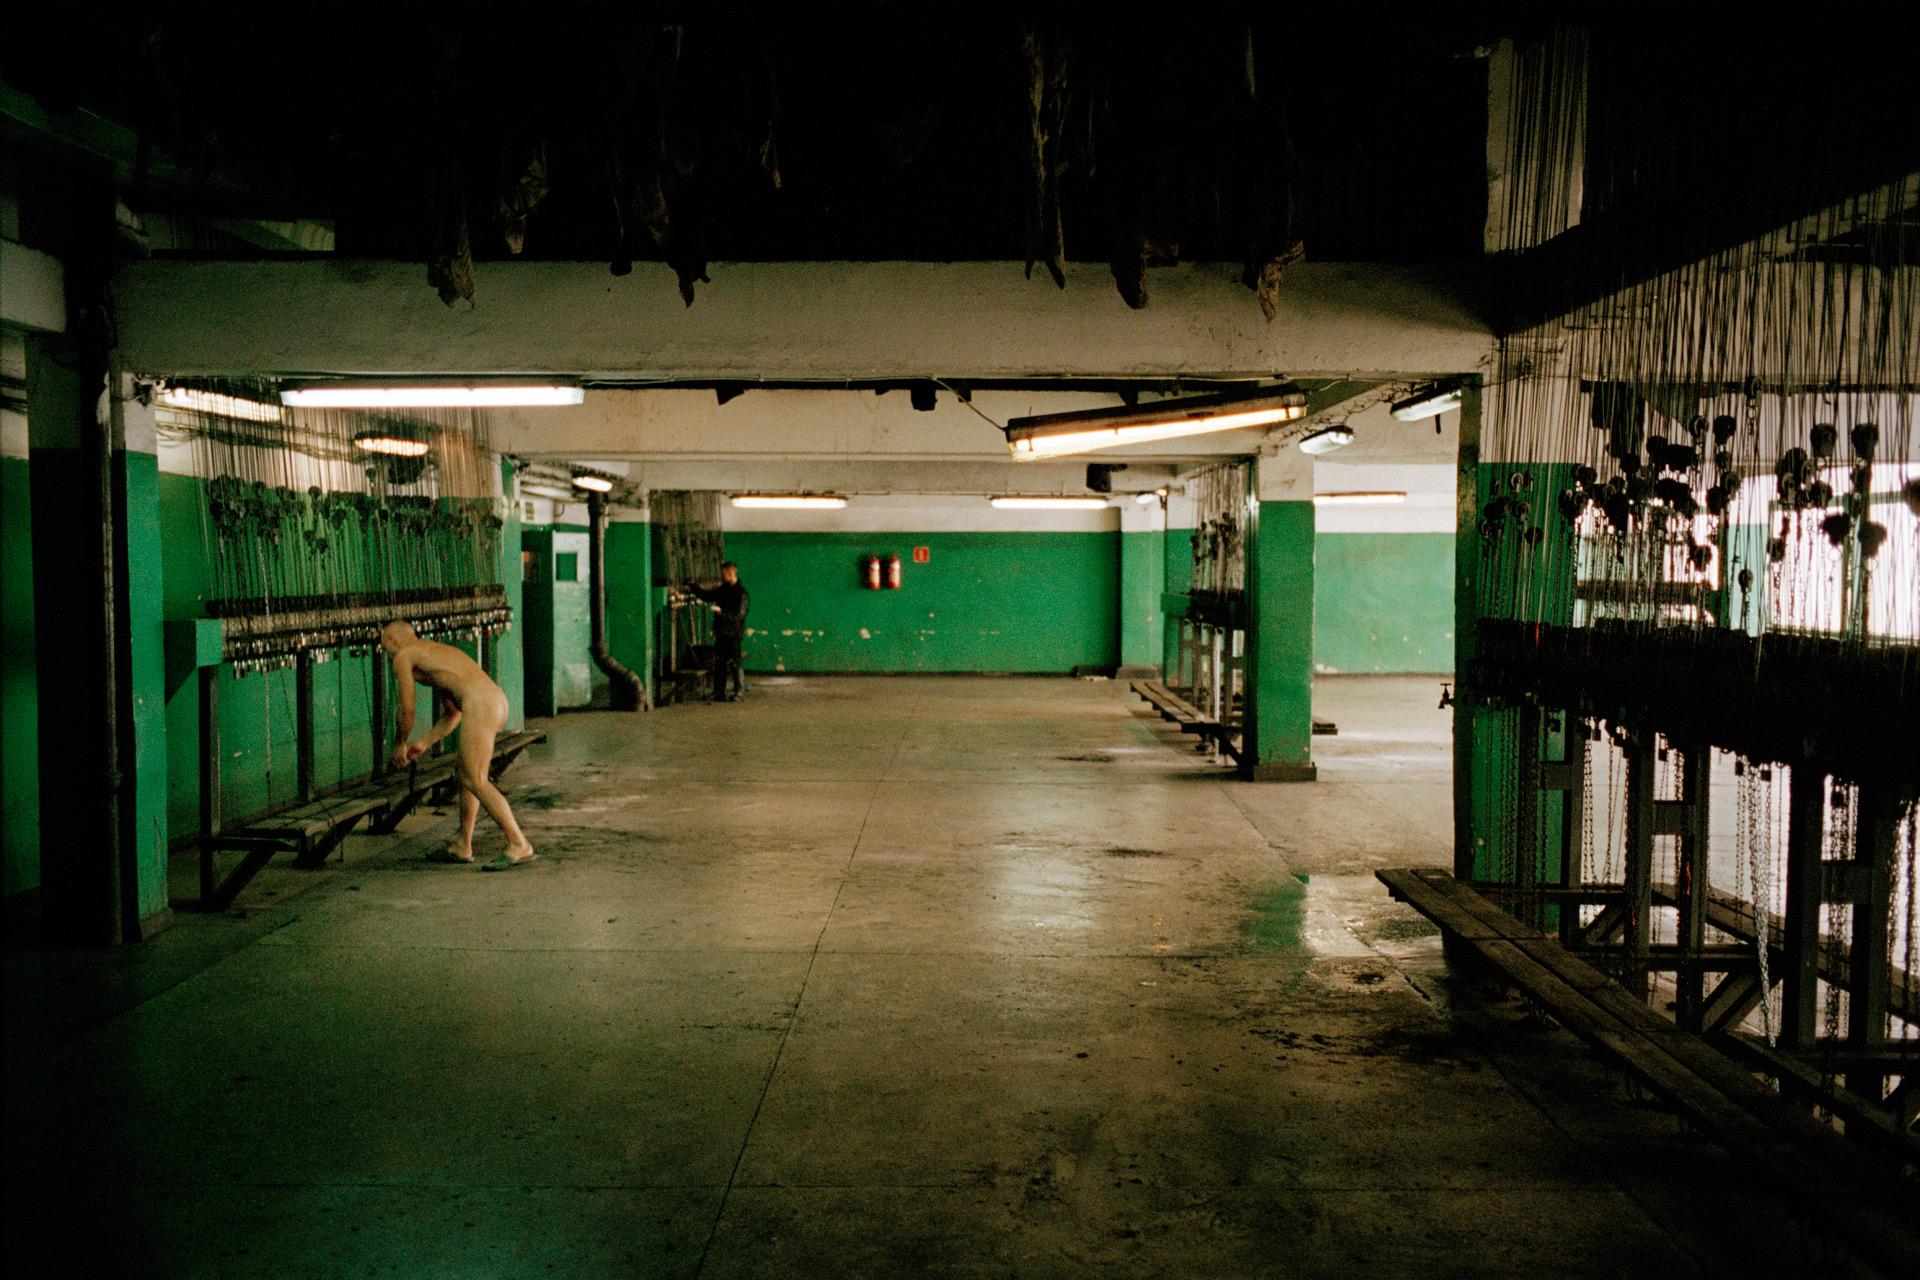 Salle des pendus. Mine de charbon de Giszowiec, site en activité. Pologne, 2013